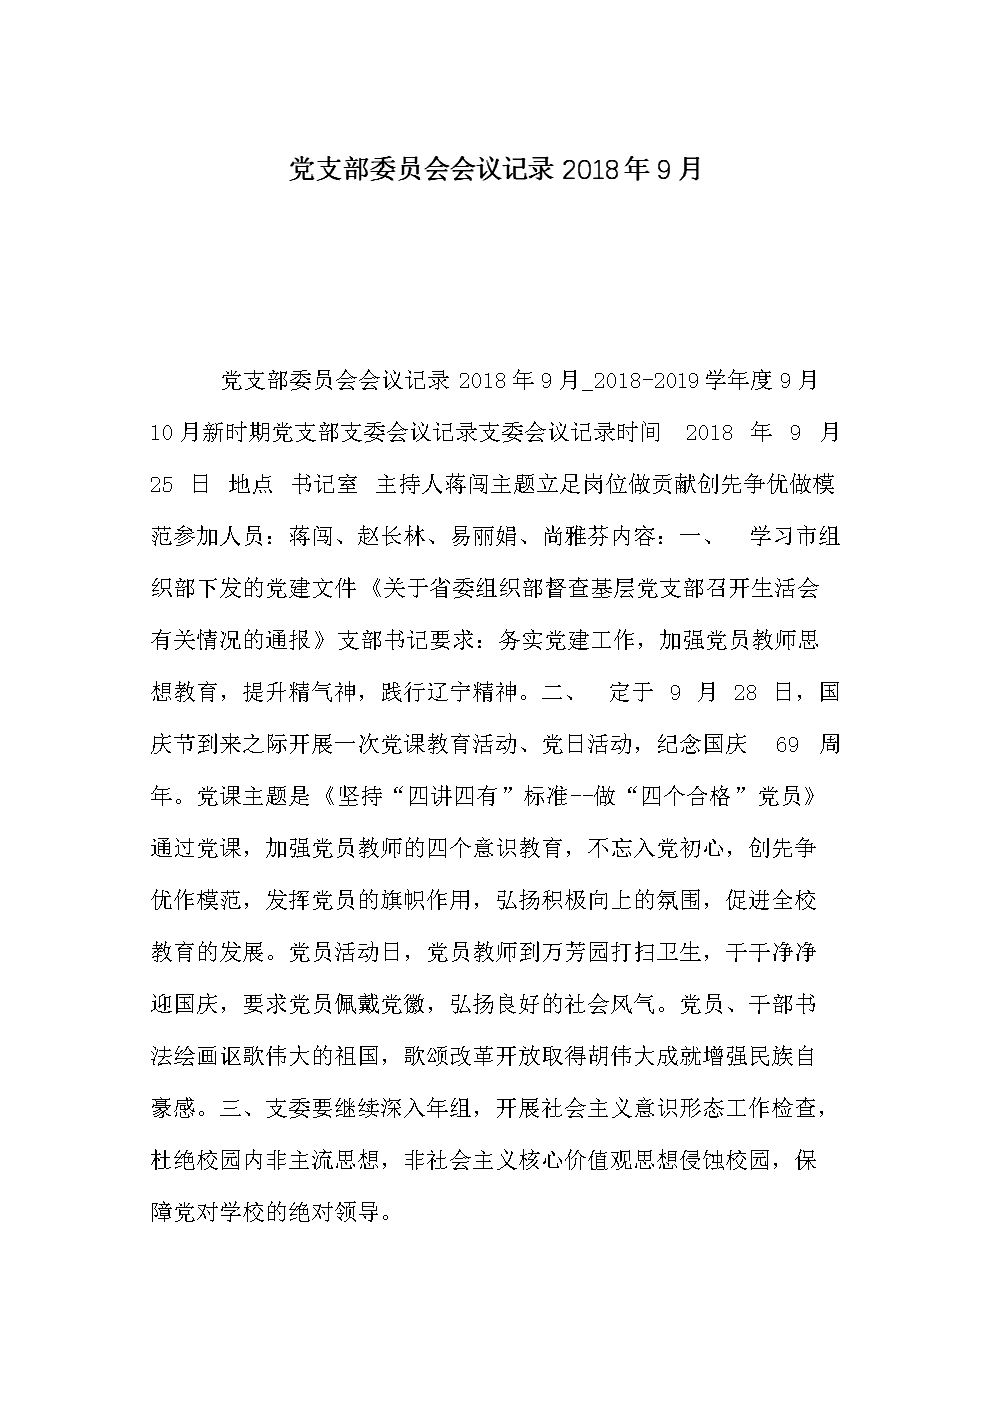 党支部委员会会议记录2018年9月.doc